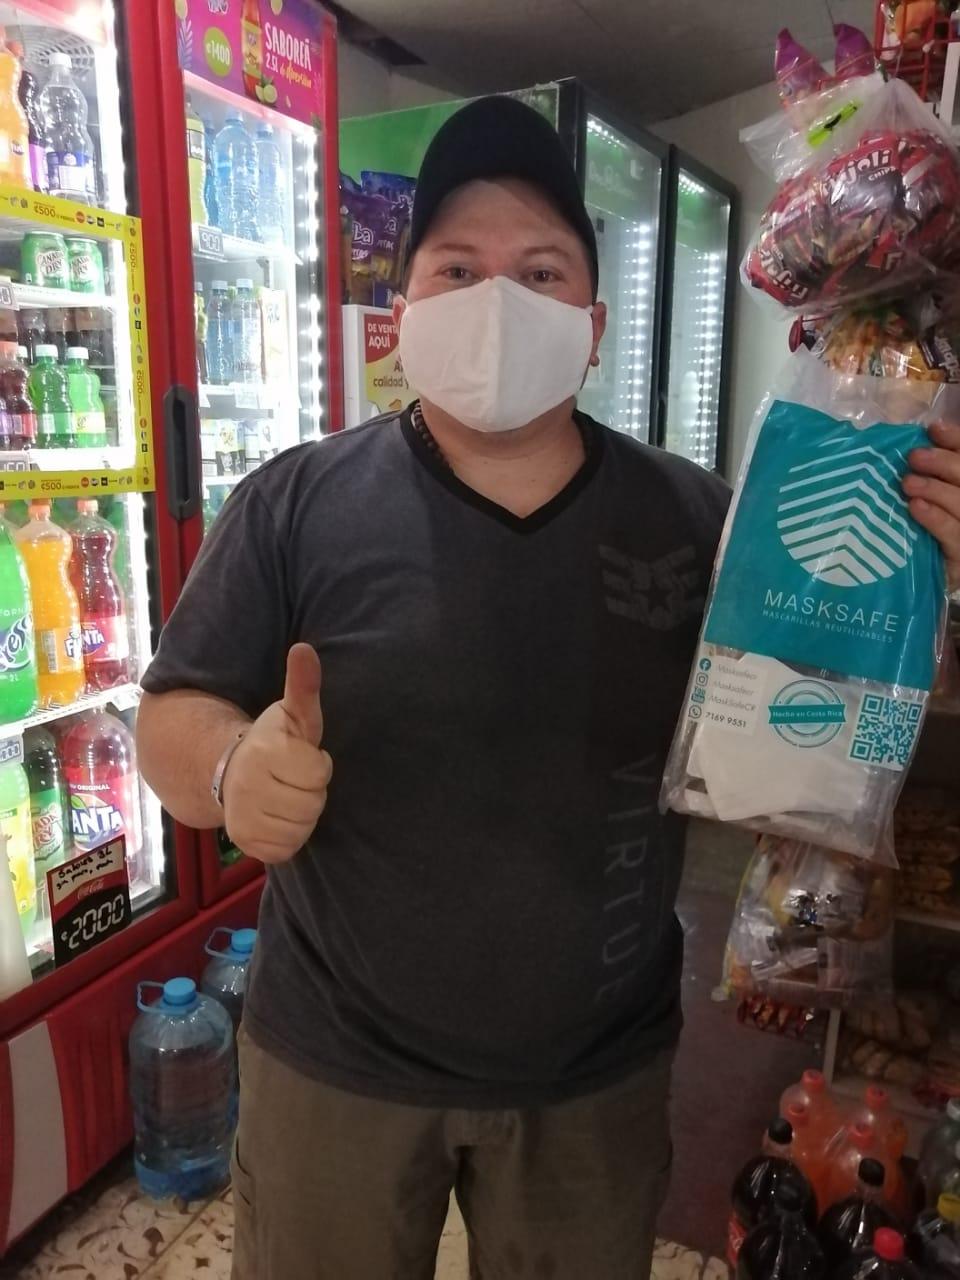 #Masks4All brinda consejos de seguridad tanto para el negocio como para cuidar a los clientes y las comunidades.